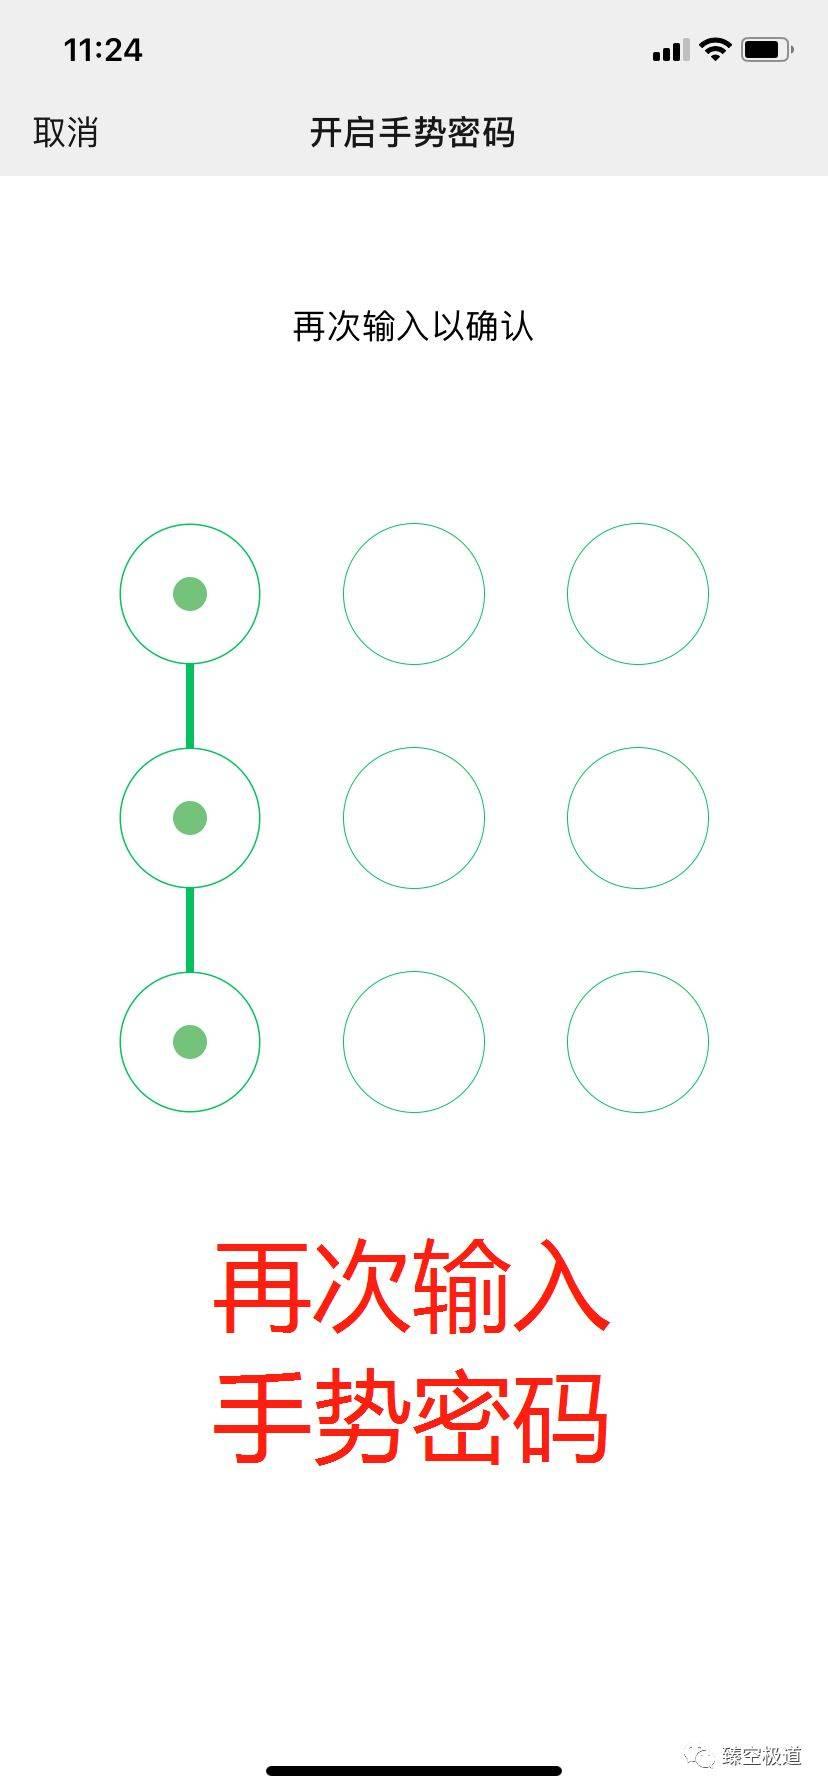 微信手势密码在哪设置(微信手势密码怎么取消关闭)插图(8)